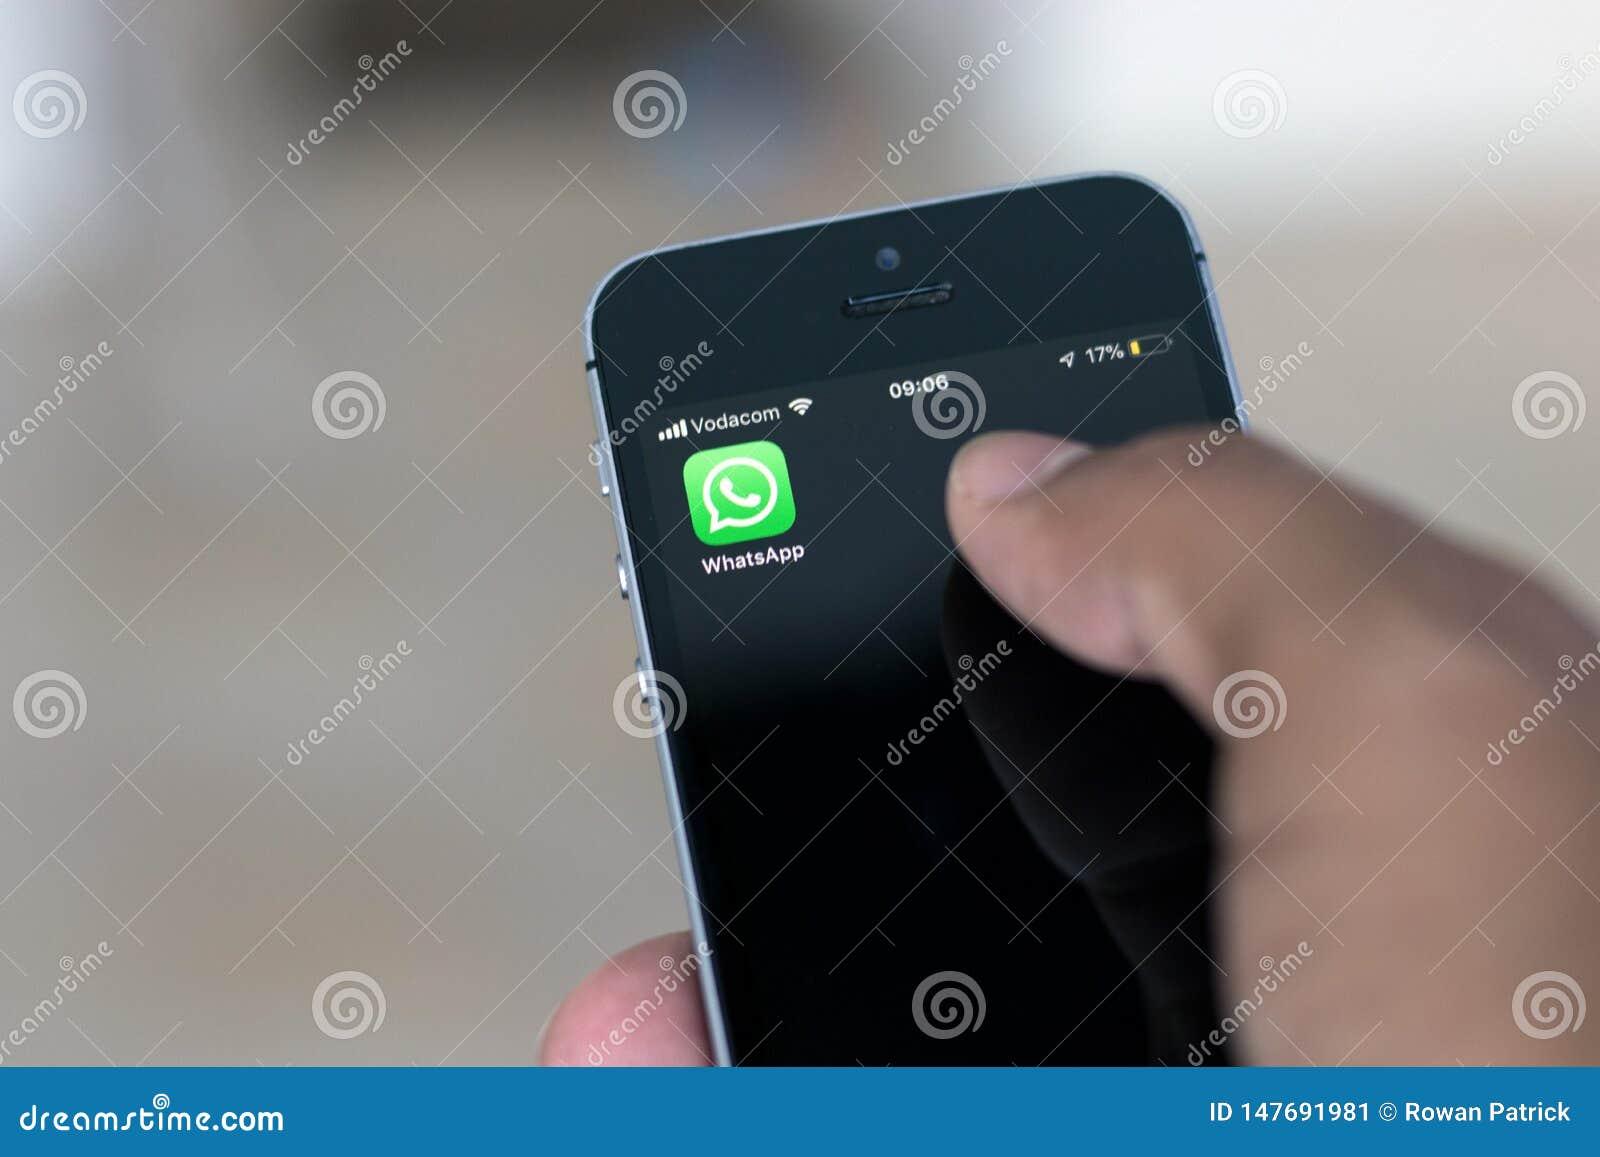 Africa whatsapp south Messaging App